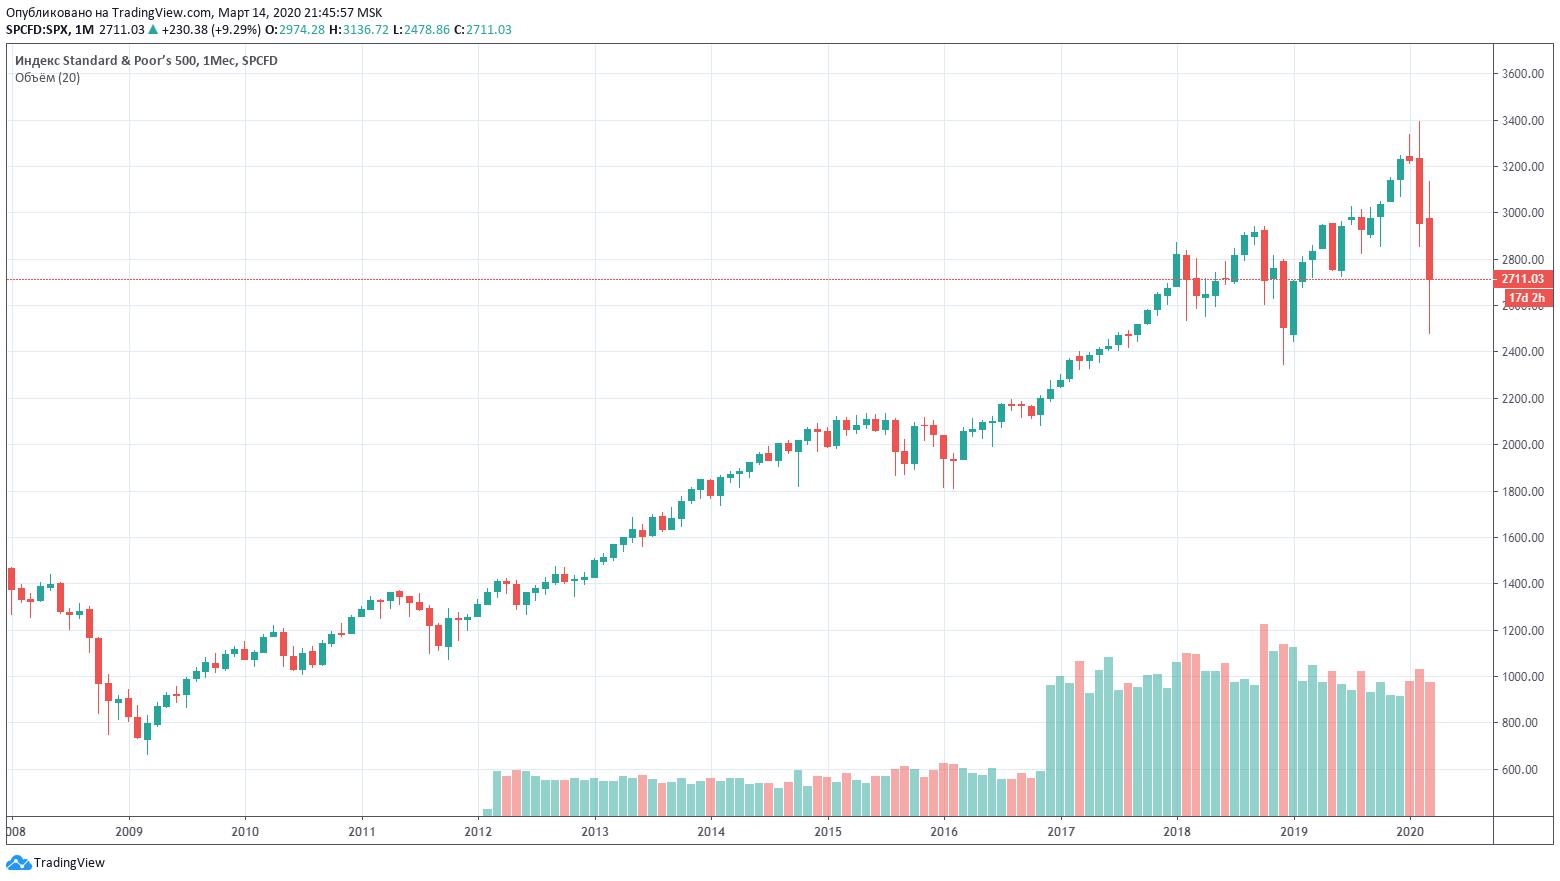 График акции индекс S&P500